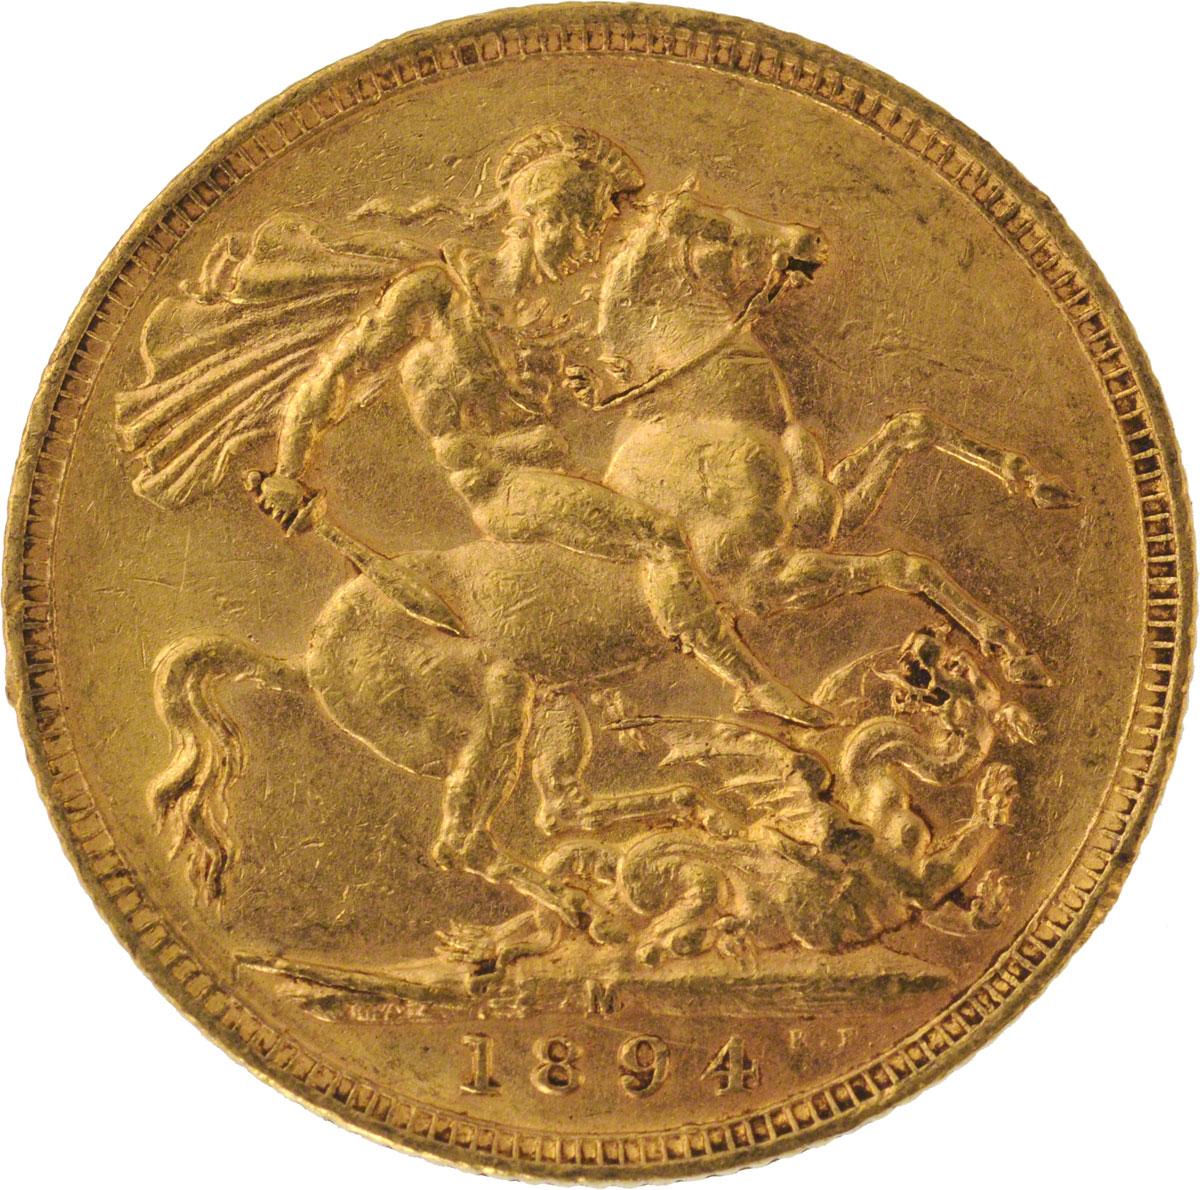 1894 Βικτώρια (Νομισματοκοπείο Μελβούρνης)